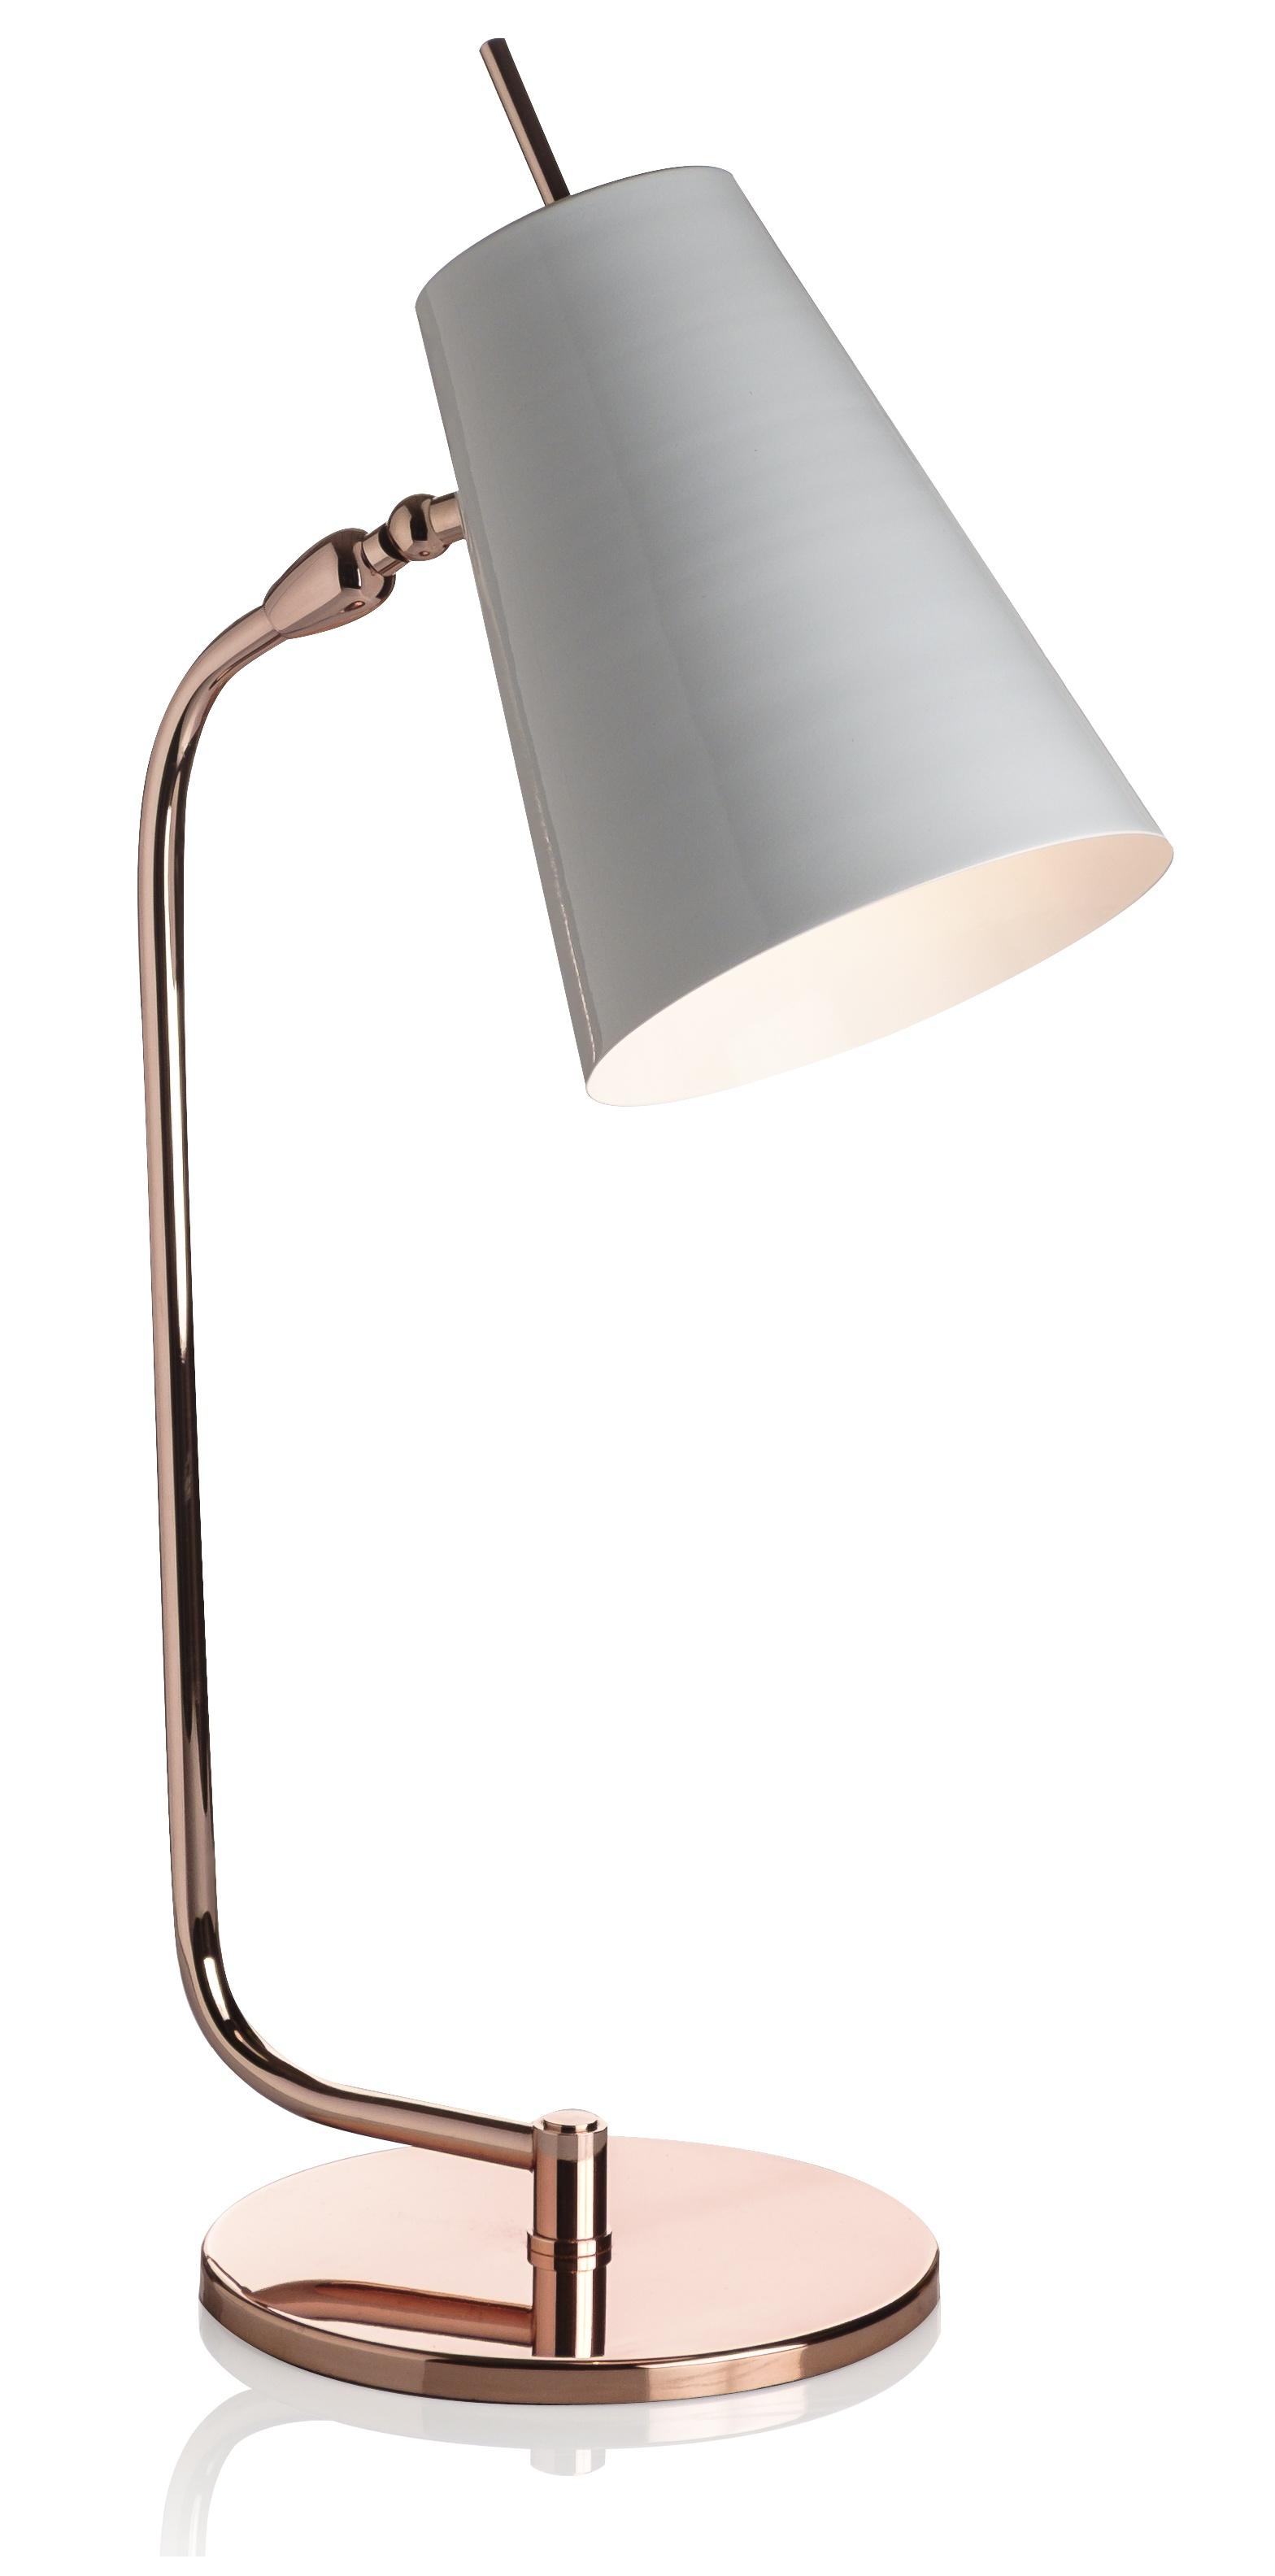 Designer Table Lamp Task Lamp Swanky Interiors